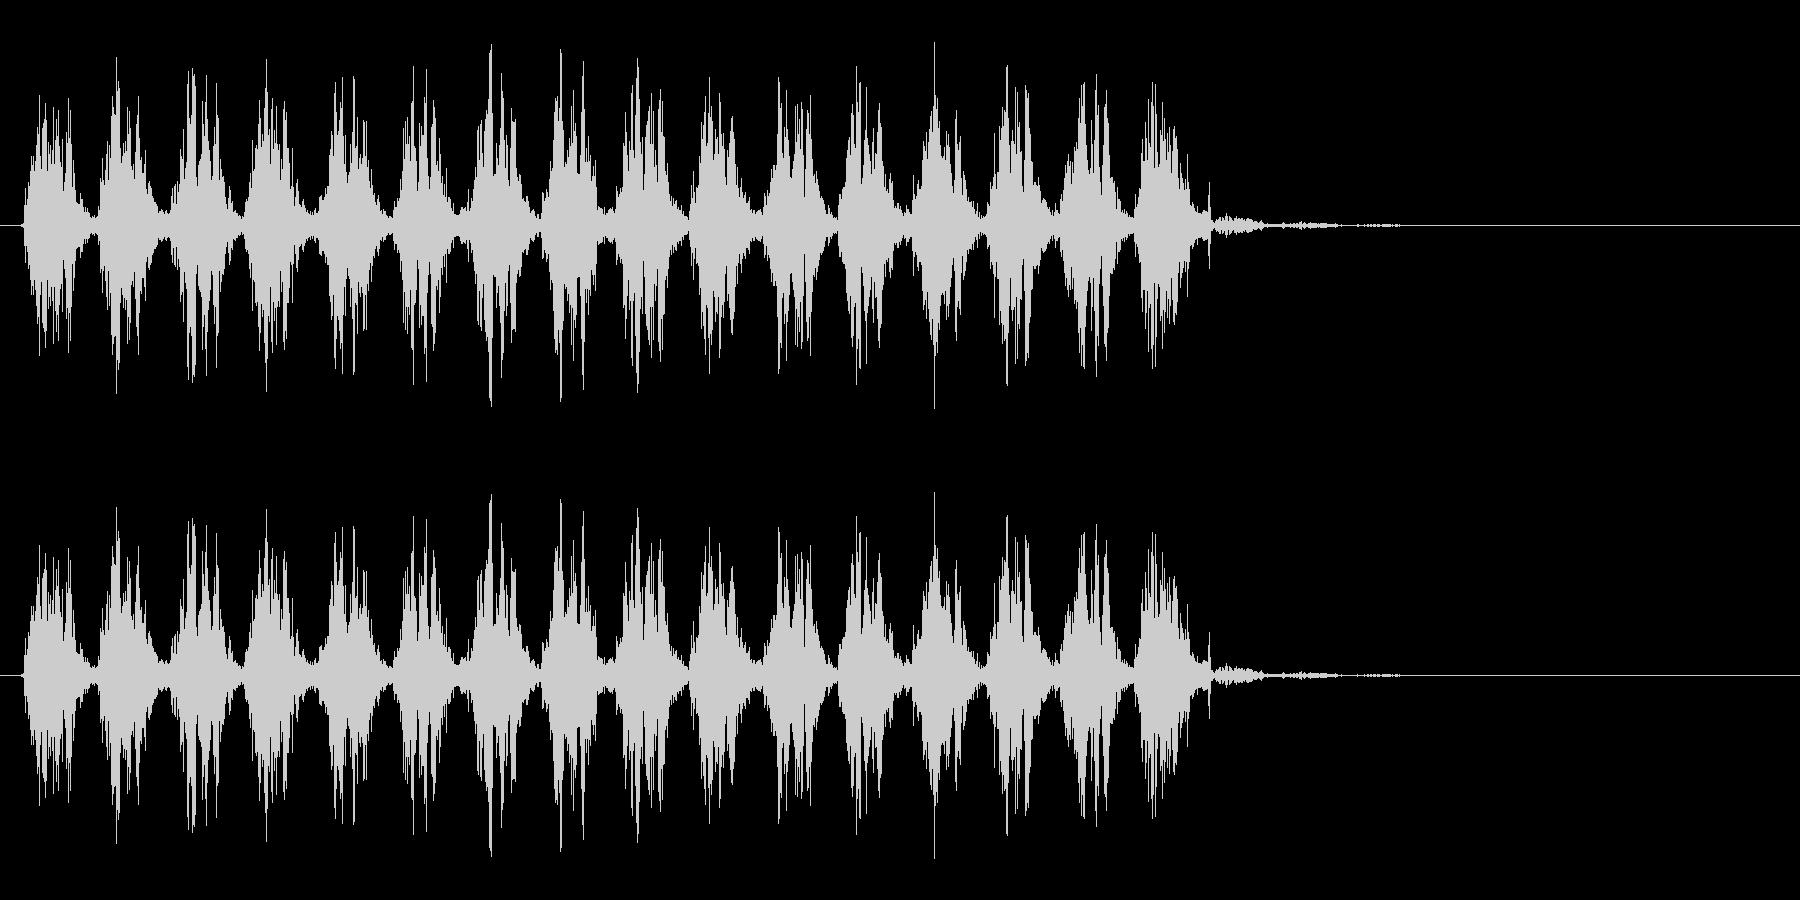 じたばたじたばた(ジタバタする音)の未再生の波形